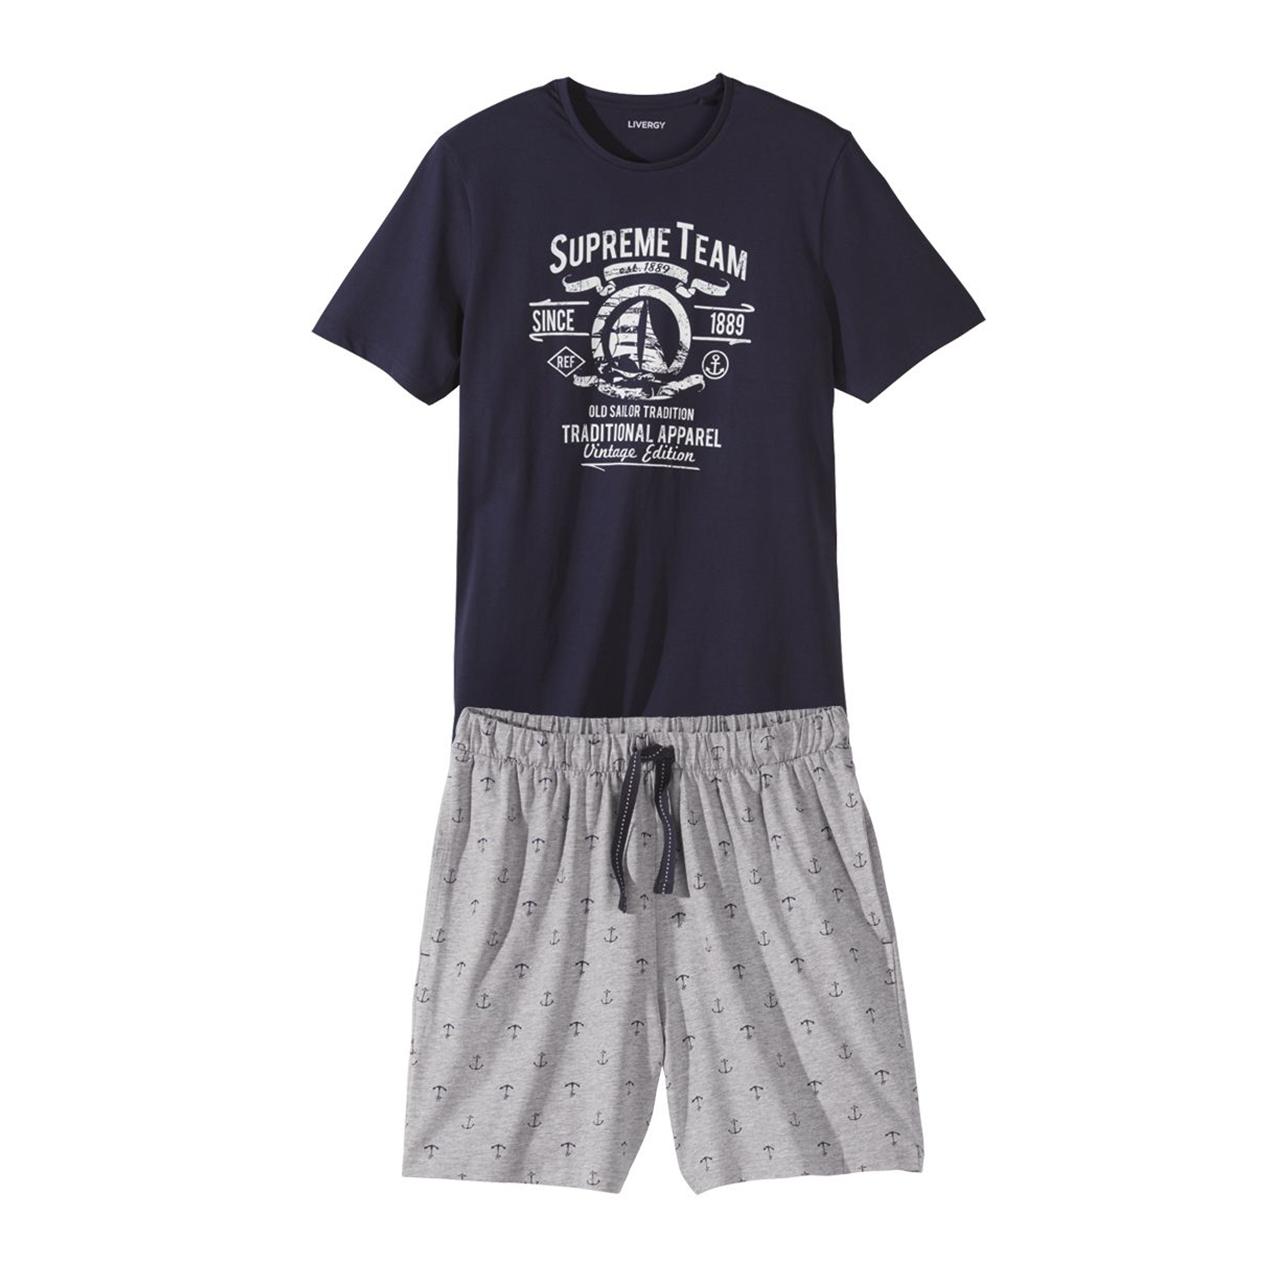 ست تی شرت و شلوارک مردانه لیورجی مدل Supreme Team